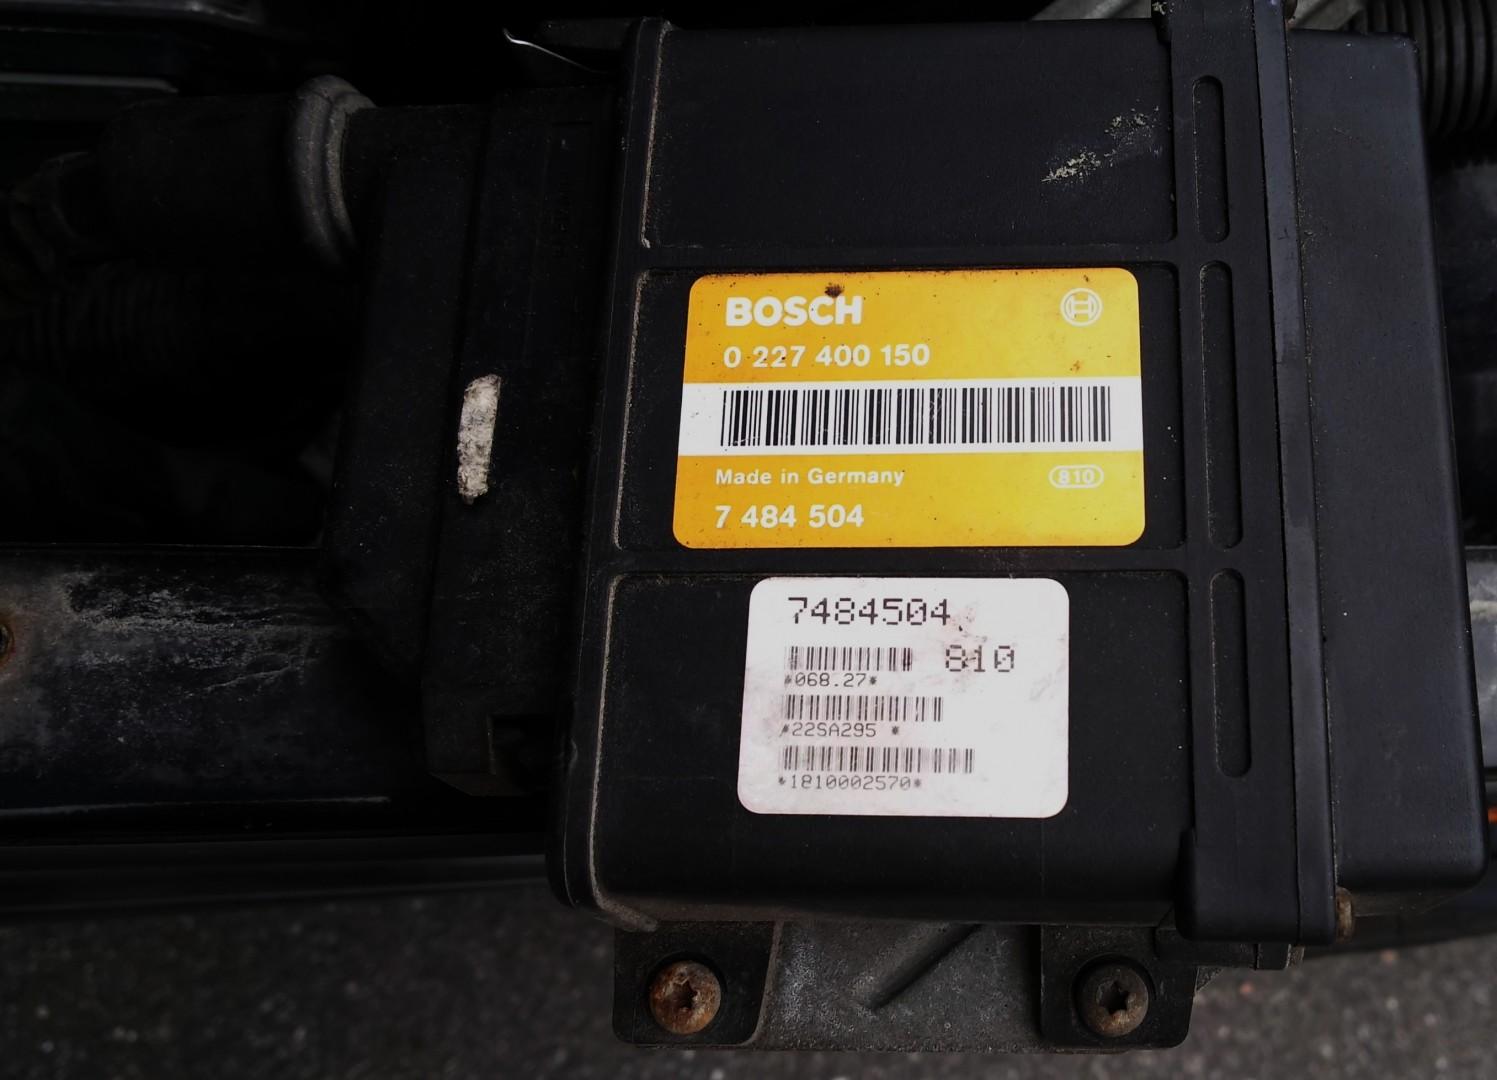 Bosch-0227400150-7484504